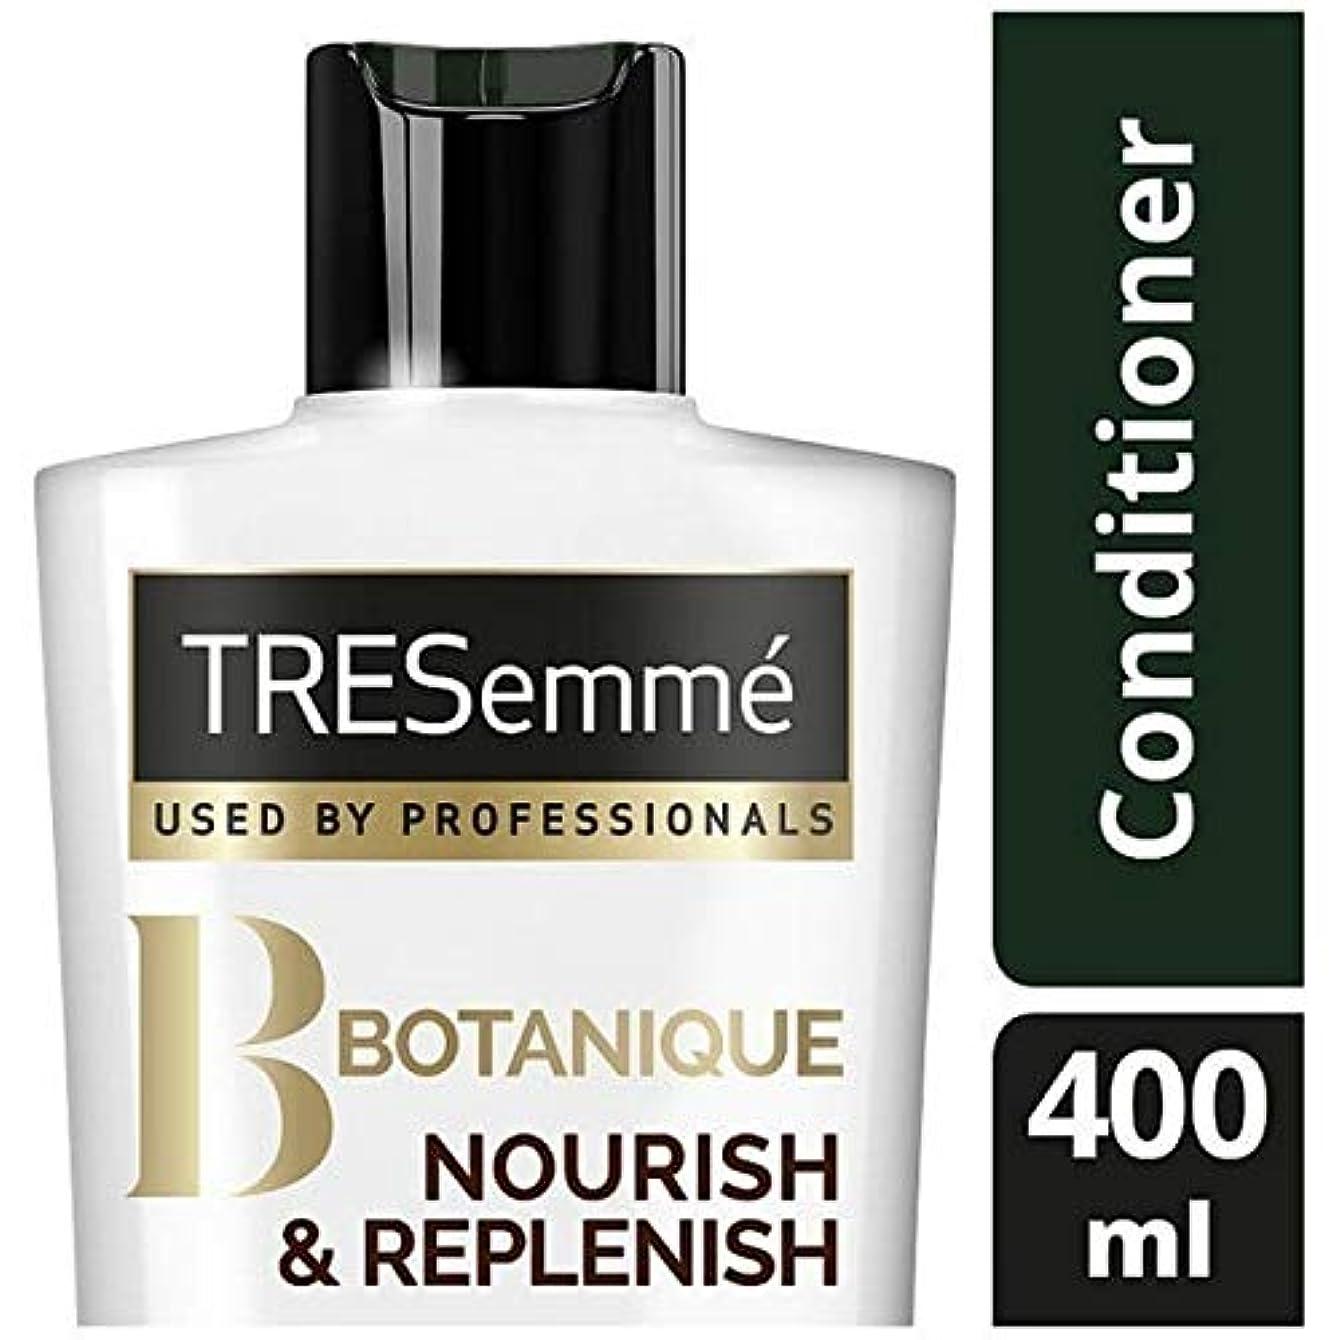 ネコスコットランド人いう[Tresemme] Tresemmeのボタニックを養う&コンディショナー400ミリリットルを補充します - TRESemme Botanique Nourish & Replenish Conditioner 400ml...